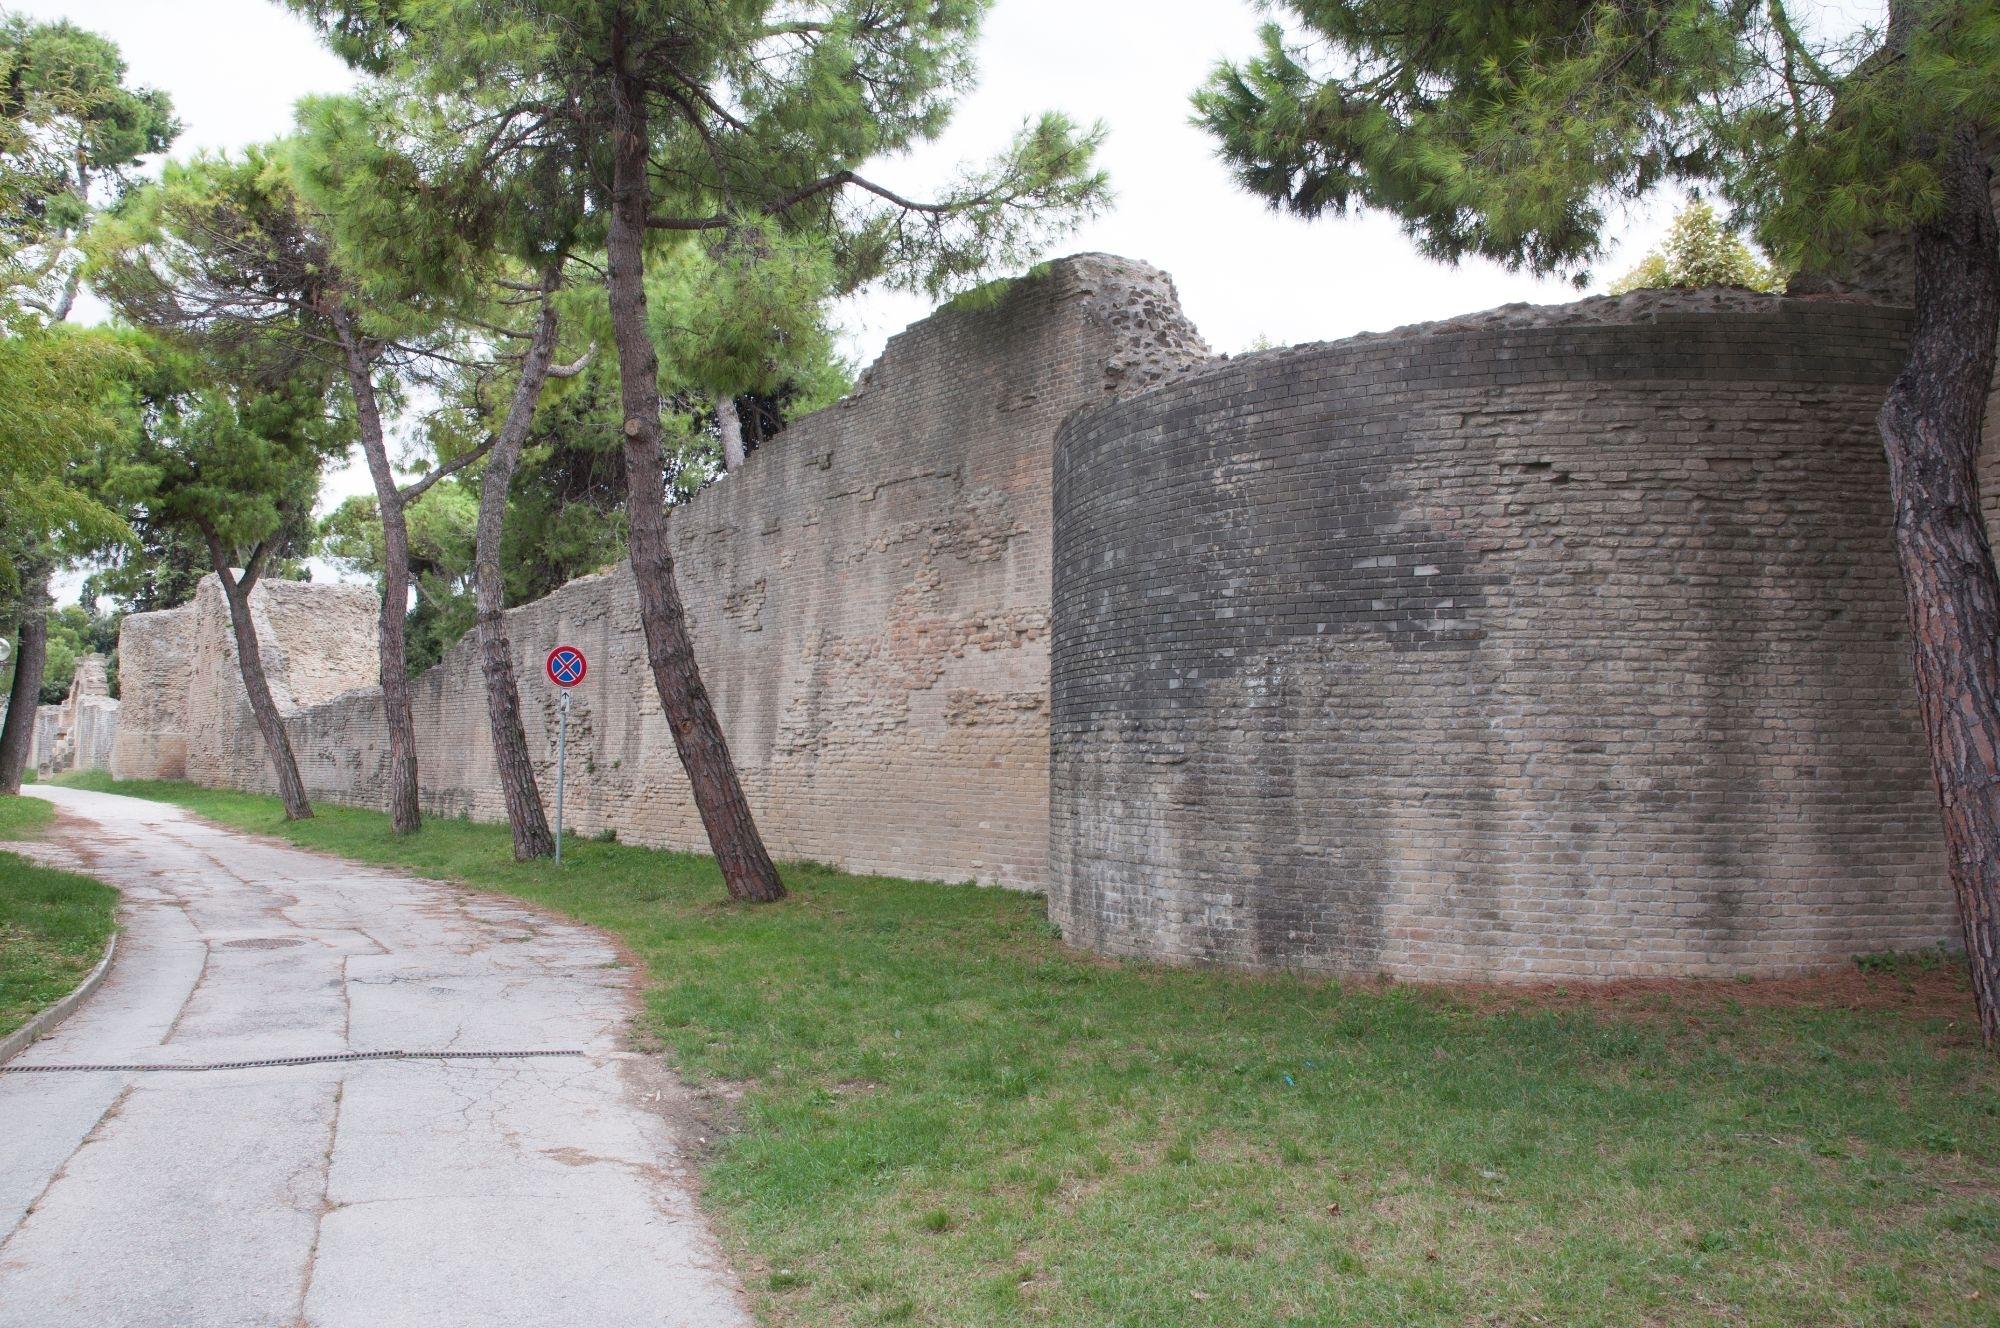 Le mura di Fanum Fortunae